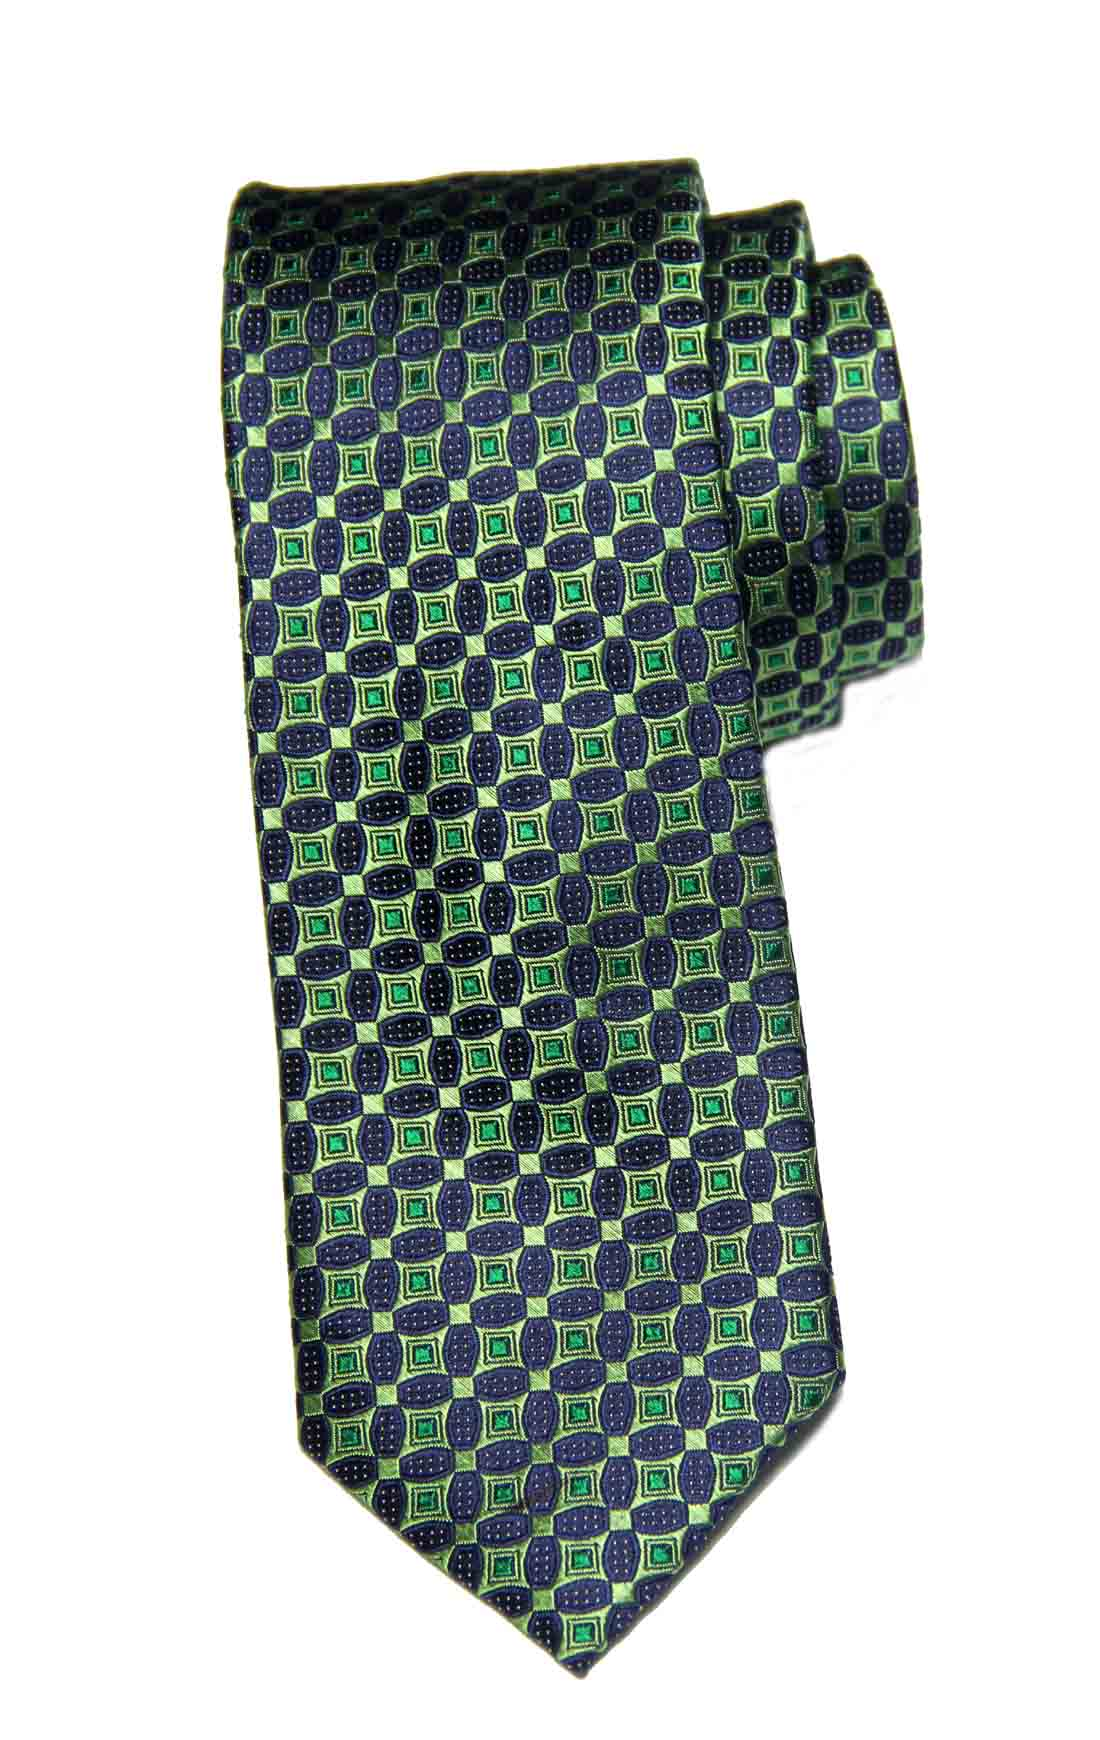 Ted Baker London Silk Tie Green Navy Blue Geometric Pattern Narrow Men's